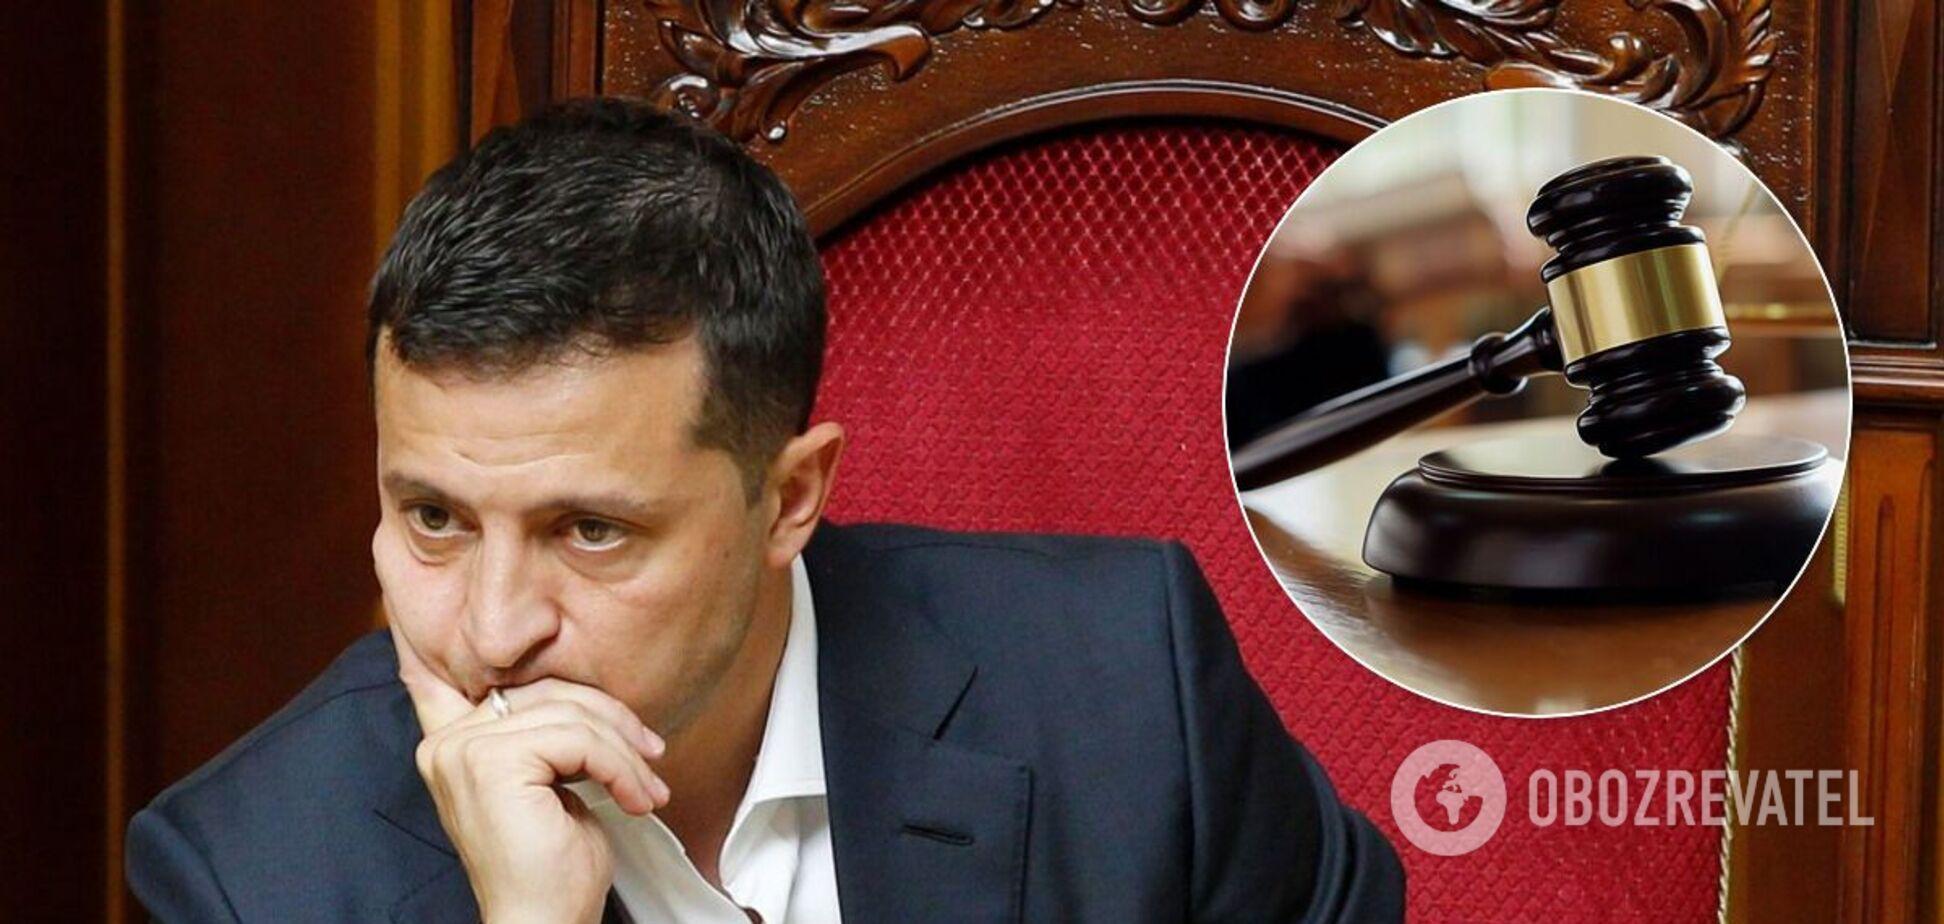 Верховная Рада не поддержала законопроект о судебной реформе Зеленского в первом чтении